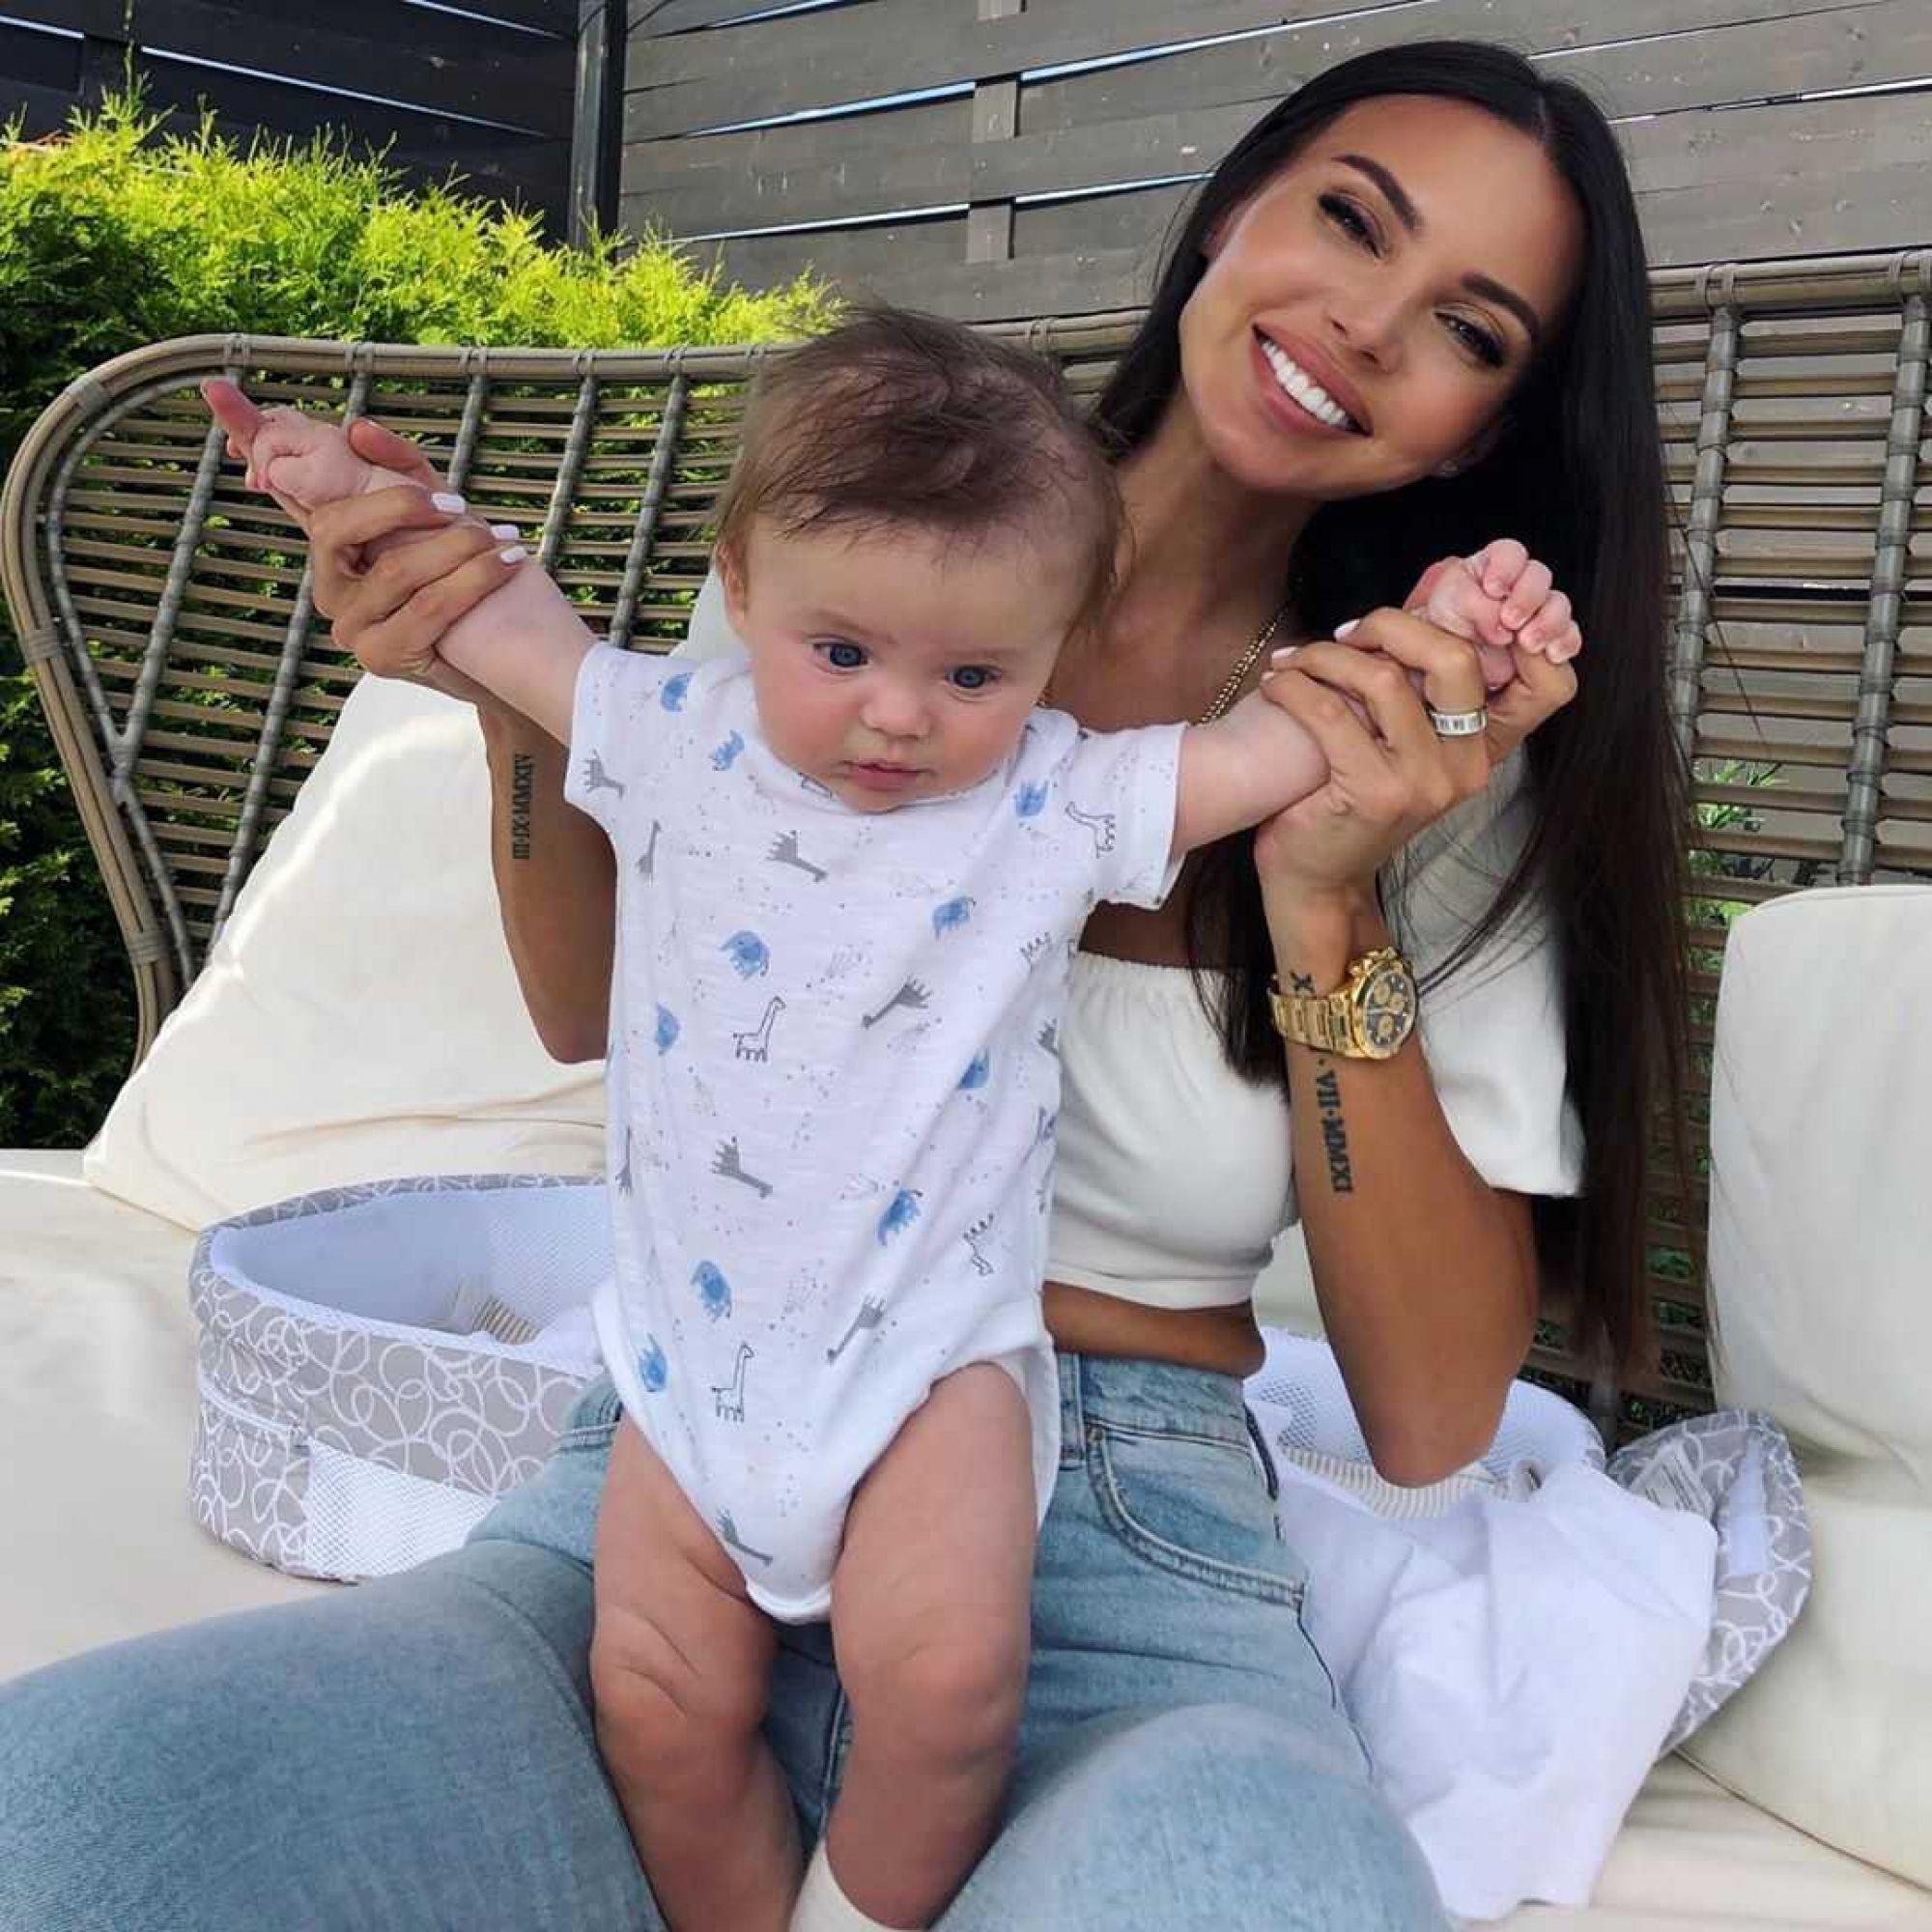 Оксана Самойлова похвасталась новым достижением своего сына